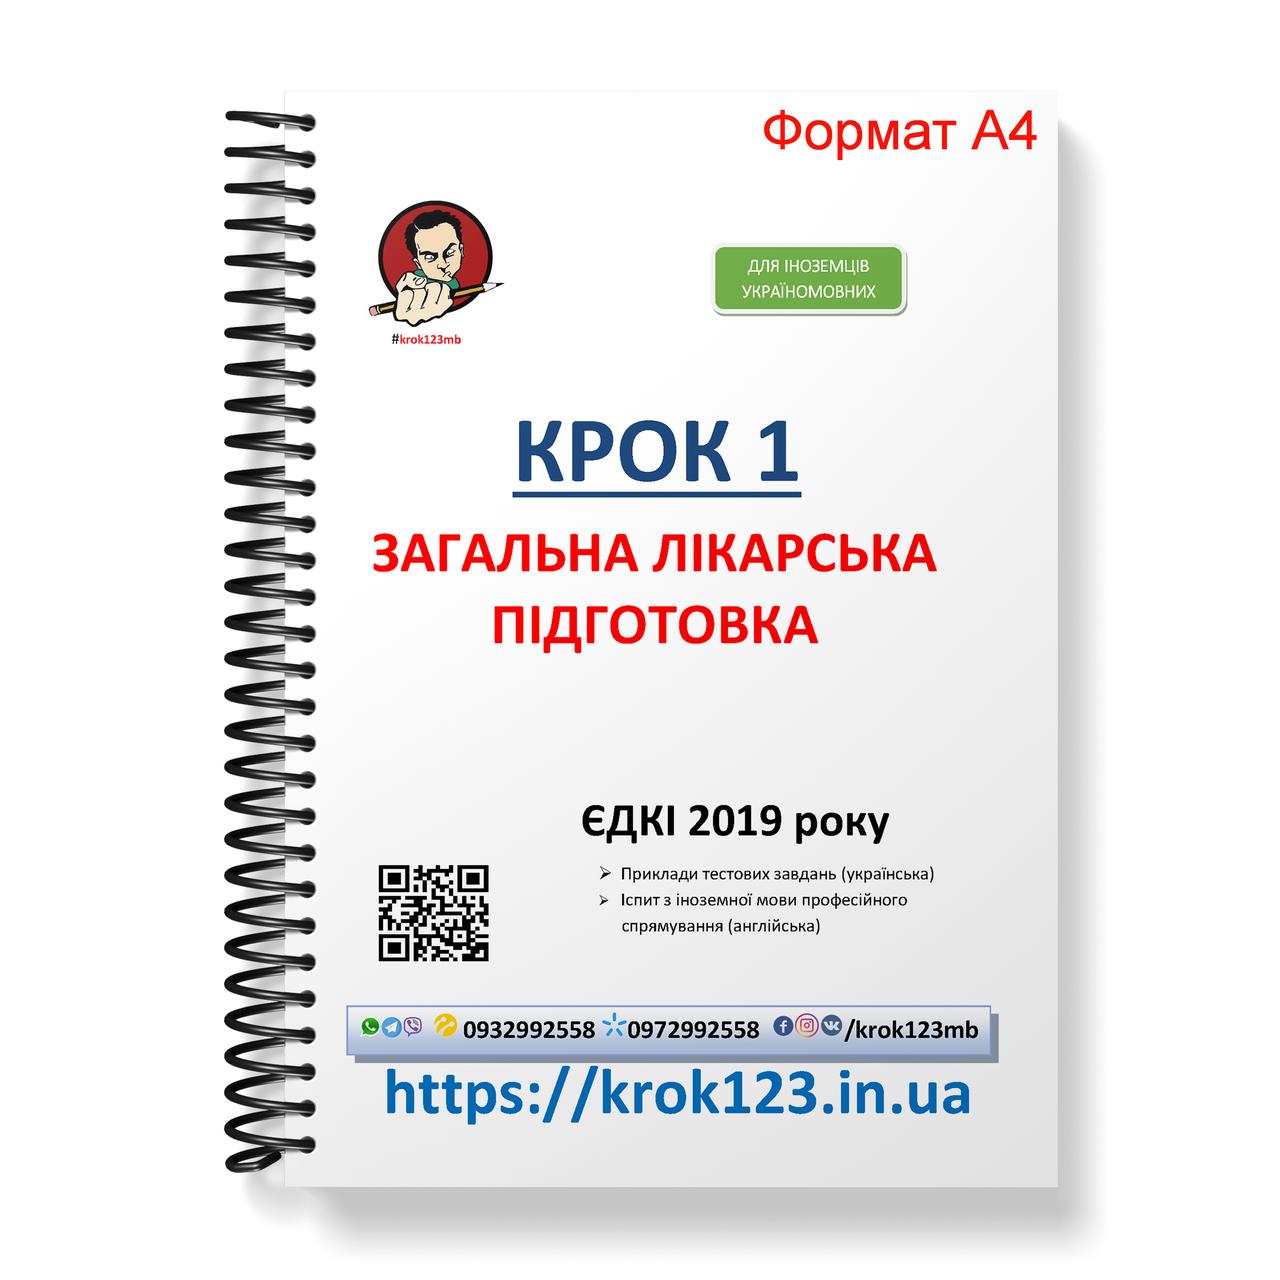 Крок 1. Медицина. ЕГКЭ (Примеры тестовых заданий) 2019. Для иностранцев украиноязычных. Формат А4